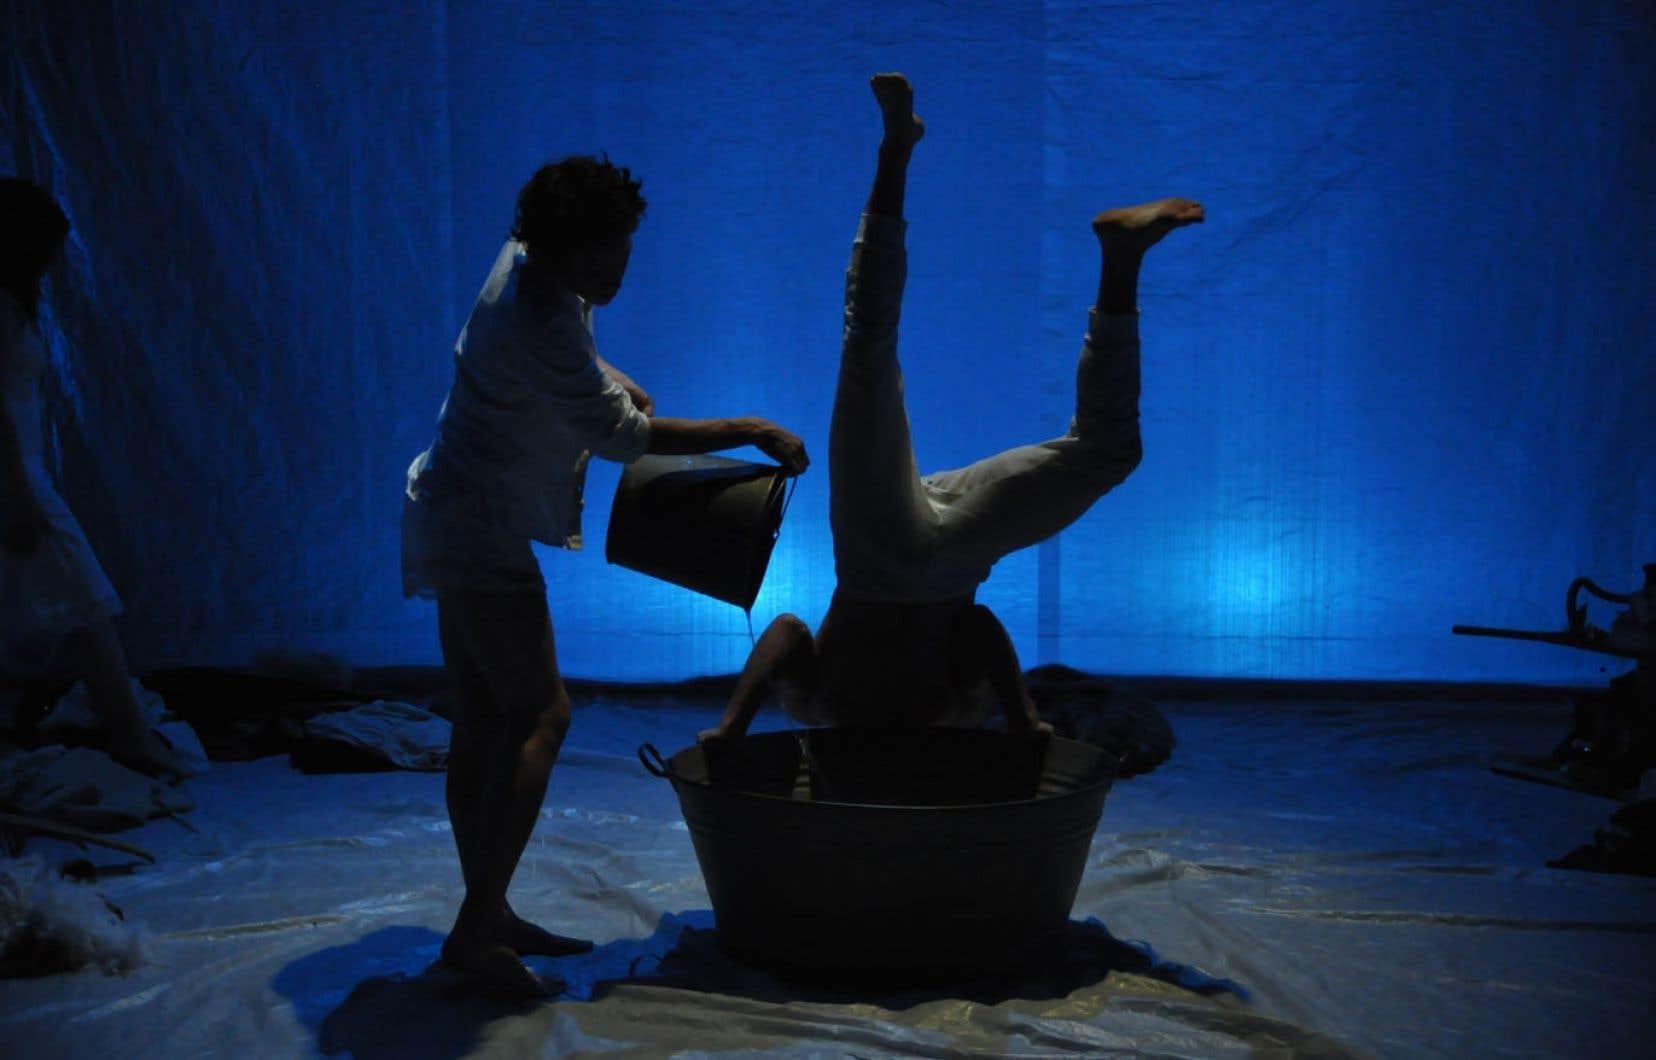 La pièce rassemble plusieurs tableaux qui tiennent souvent plus de la performance en art visuel ou circassienne que du théâtre.